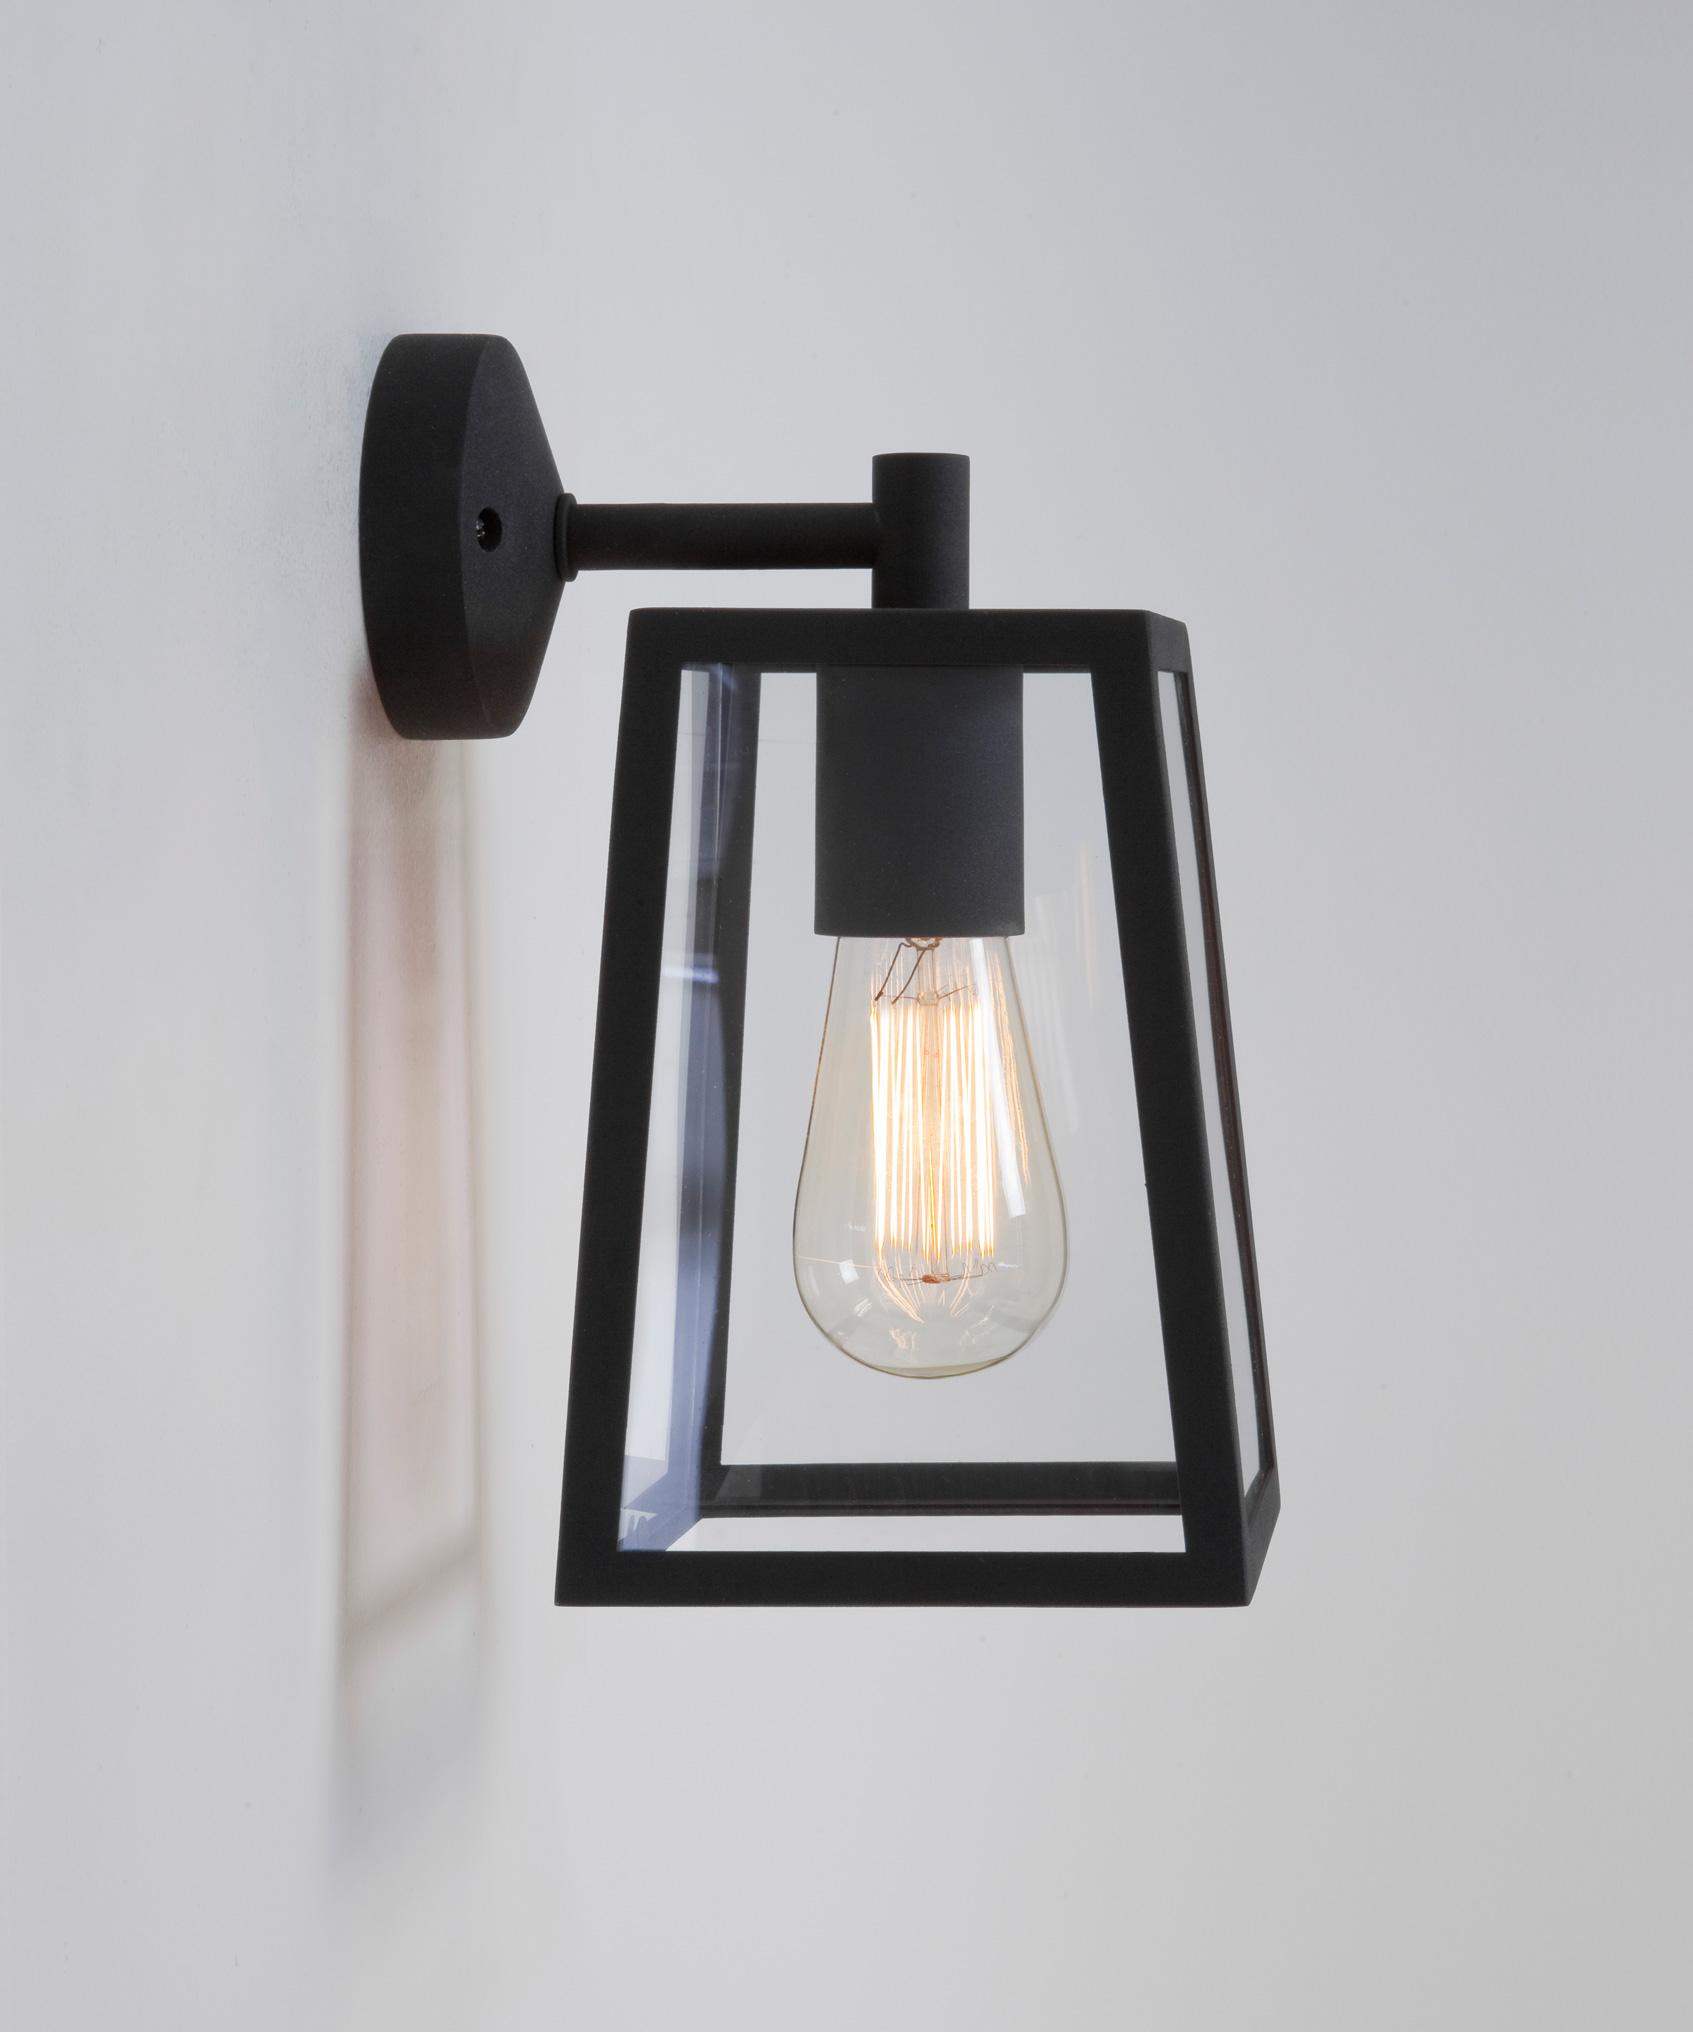 Applique exterieur for Lampes murales exterieures pour terrasse